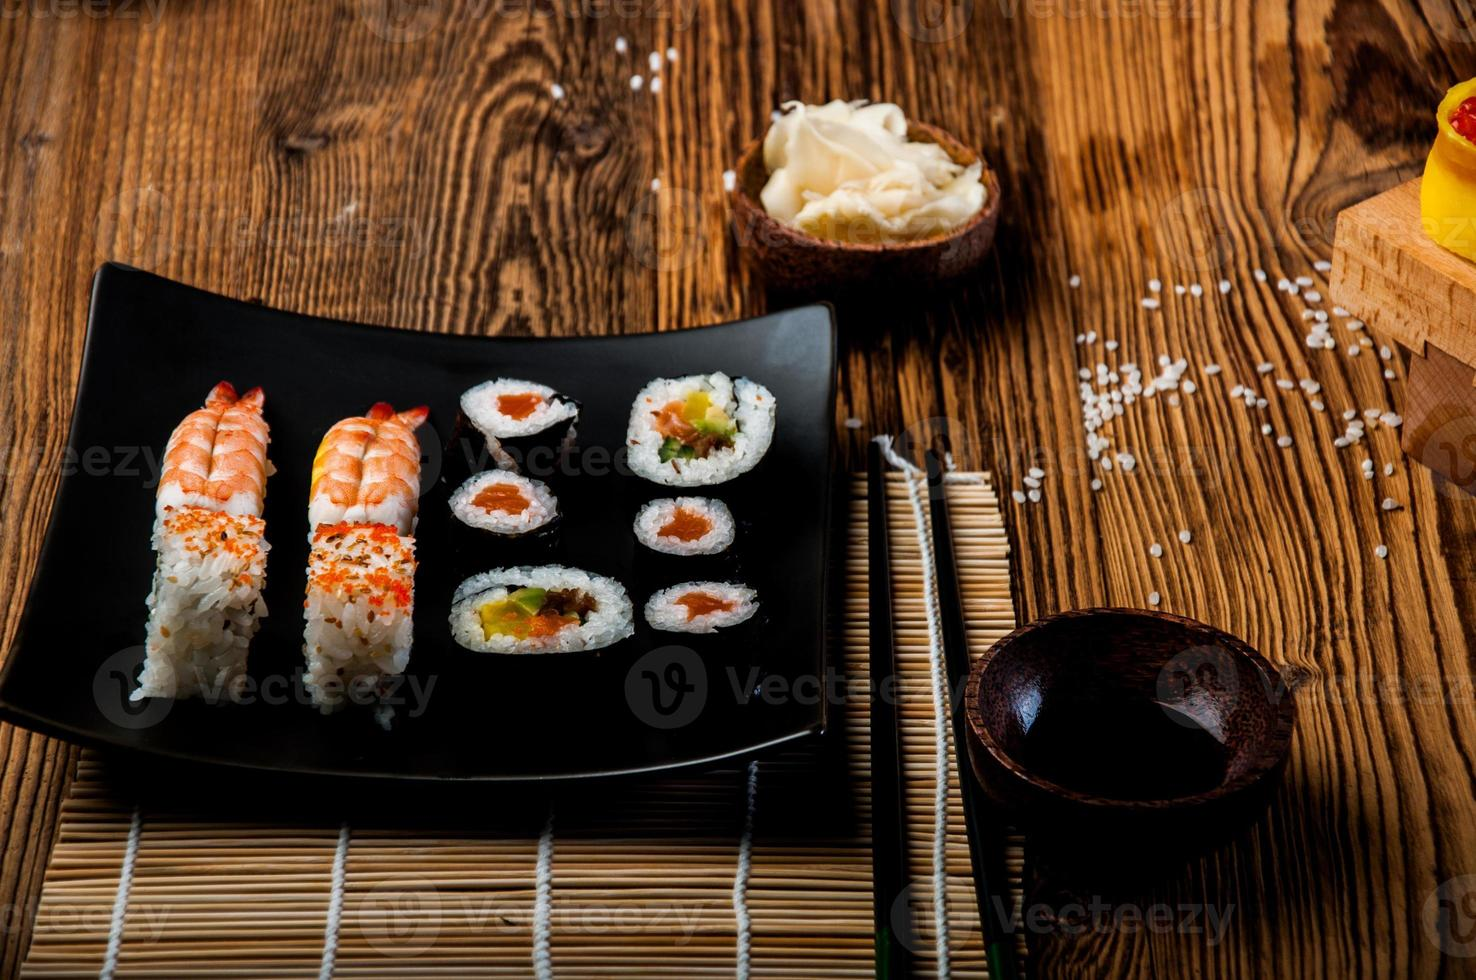 magnifique ensemble de sushis, thème oriental sur la vieille table en bois photo